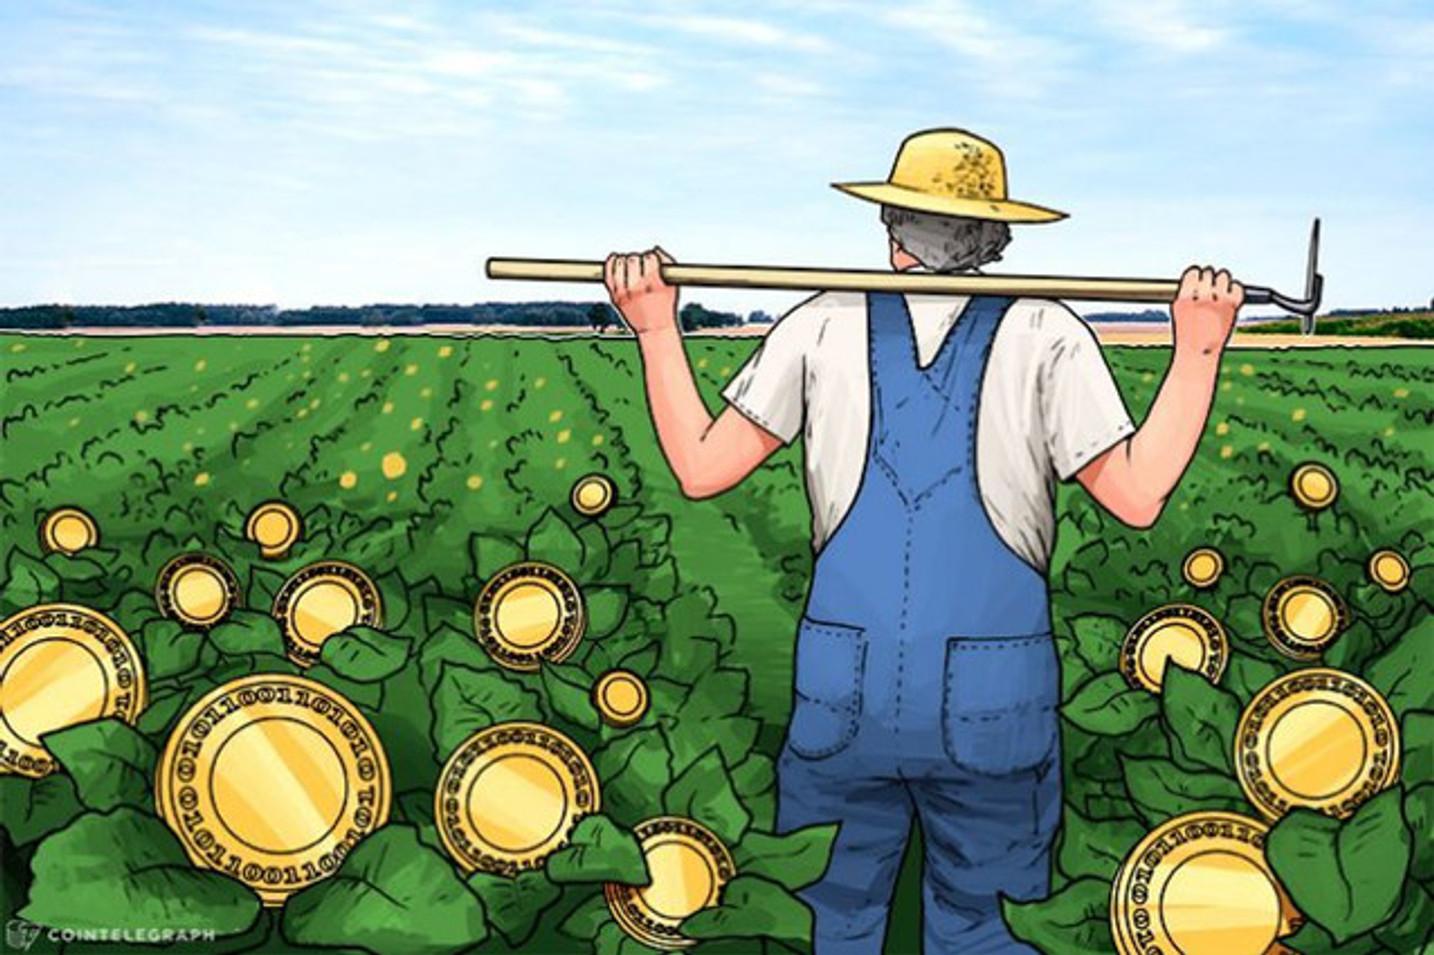 Grupo Avícola Rujamar incorpora a la tecnología Blockchain a su cadena de suministro